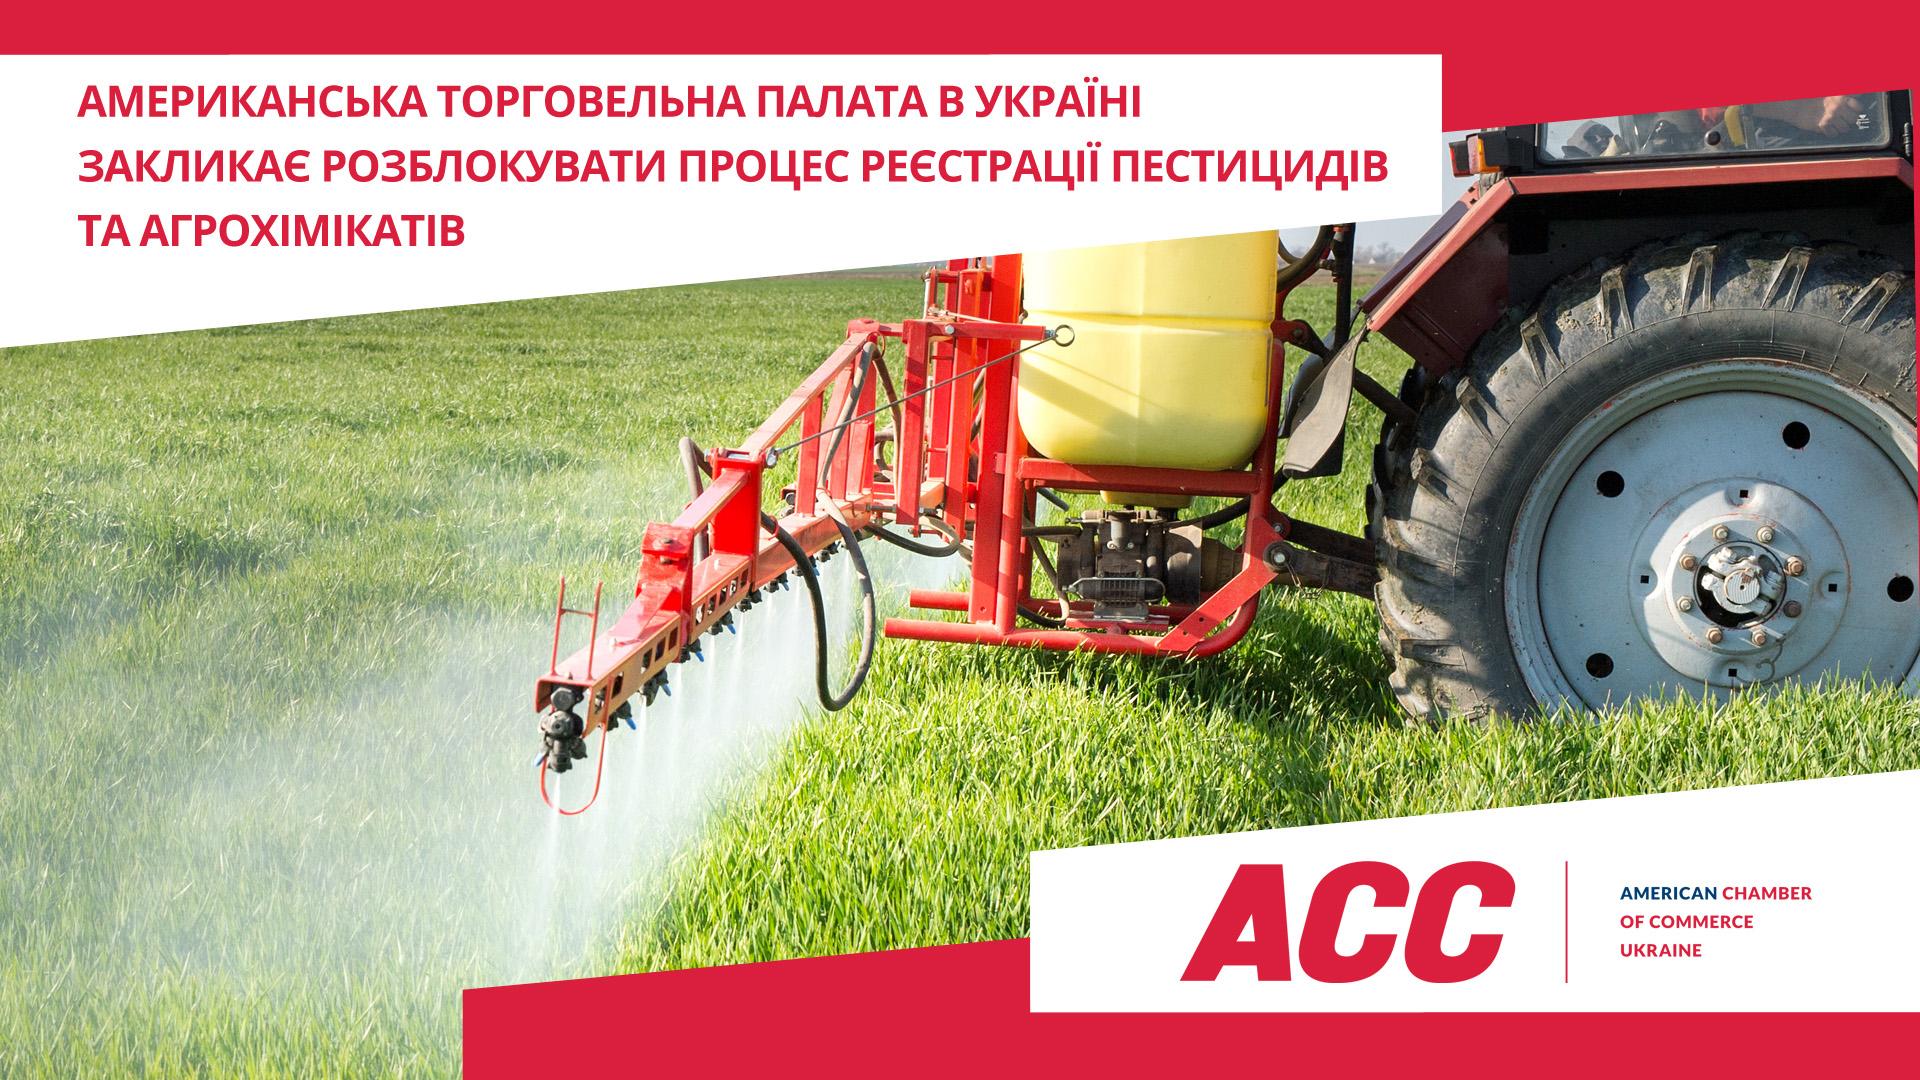 Американська торговельна палата в Україні закликає розблокувати процес реєстрації пестицидів та агрохімікатів